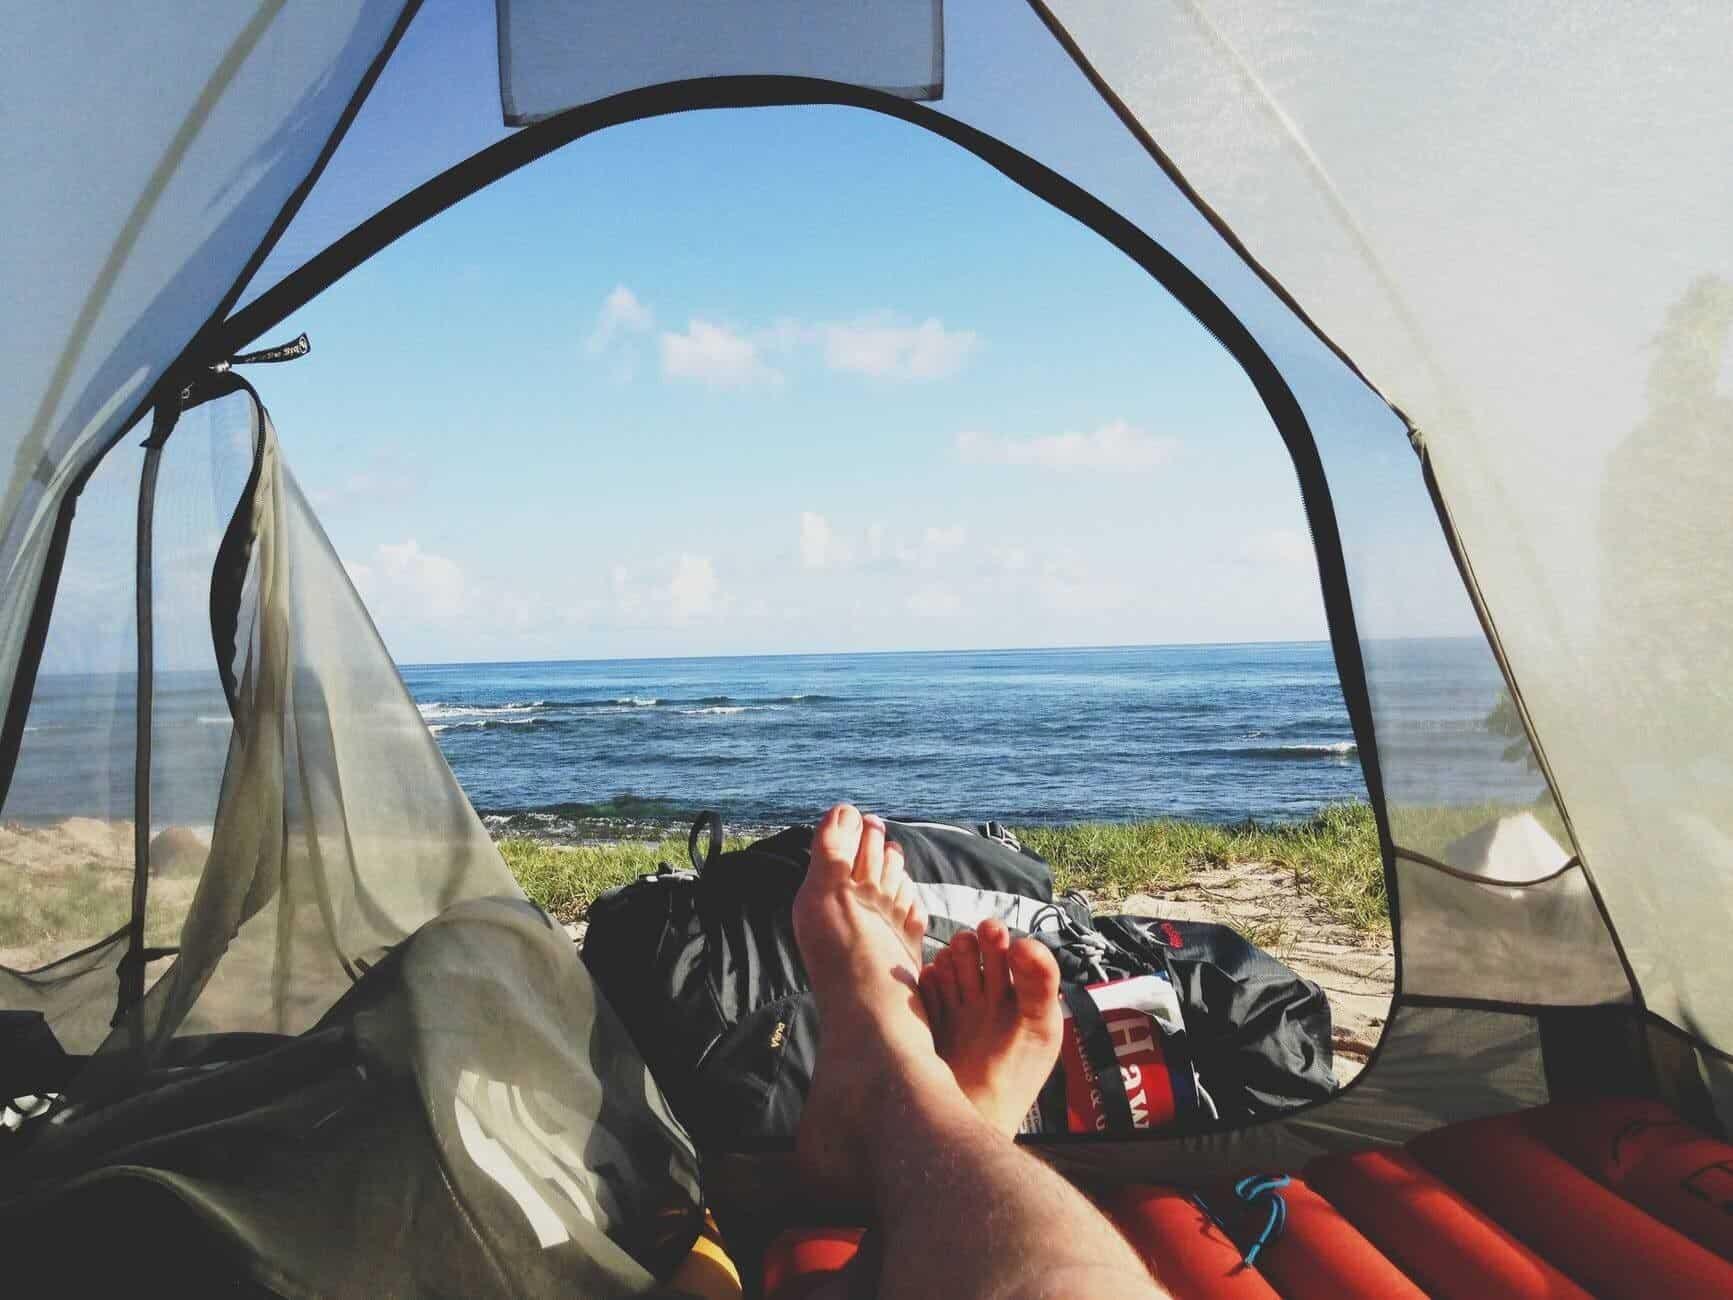 nocleg pod namiotem może być wygodny